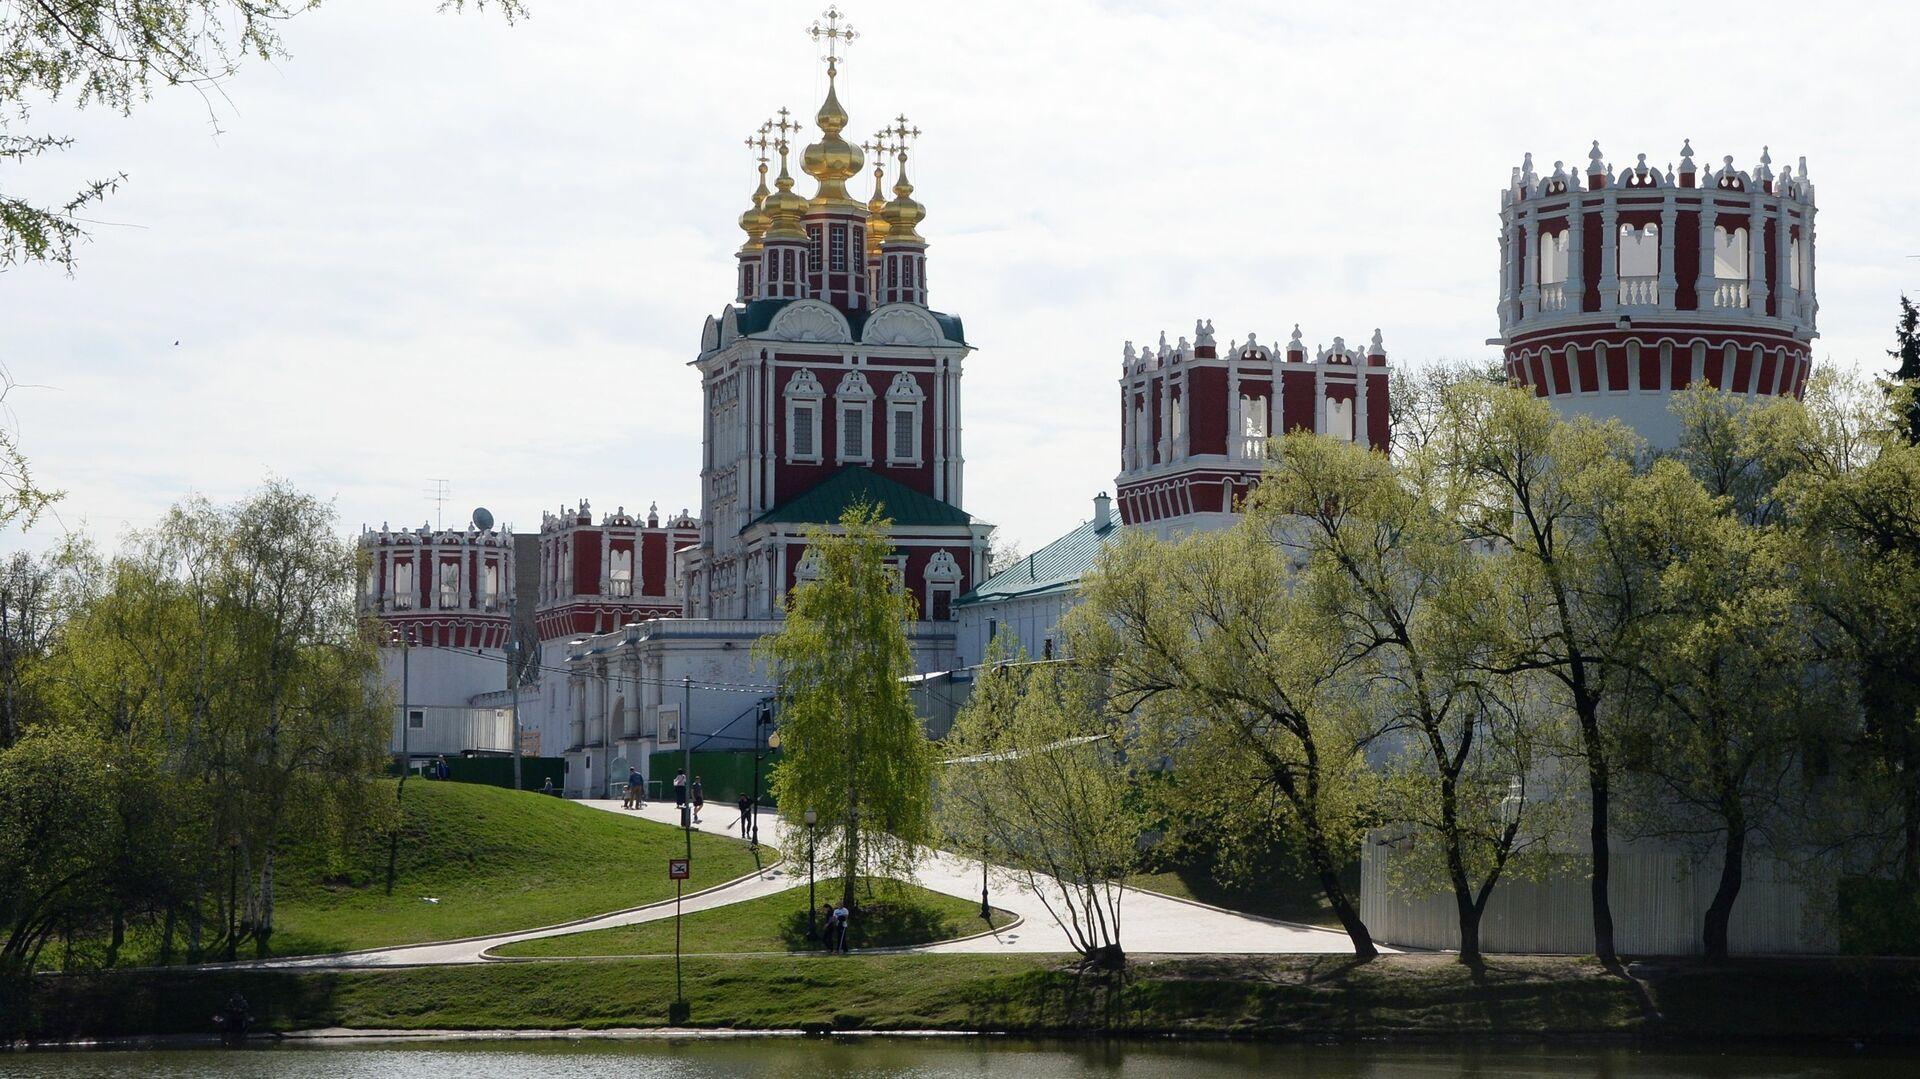 Стены Новодевичьего монастыря в Москве - РИА Новости, 1920, 27.07.2021